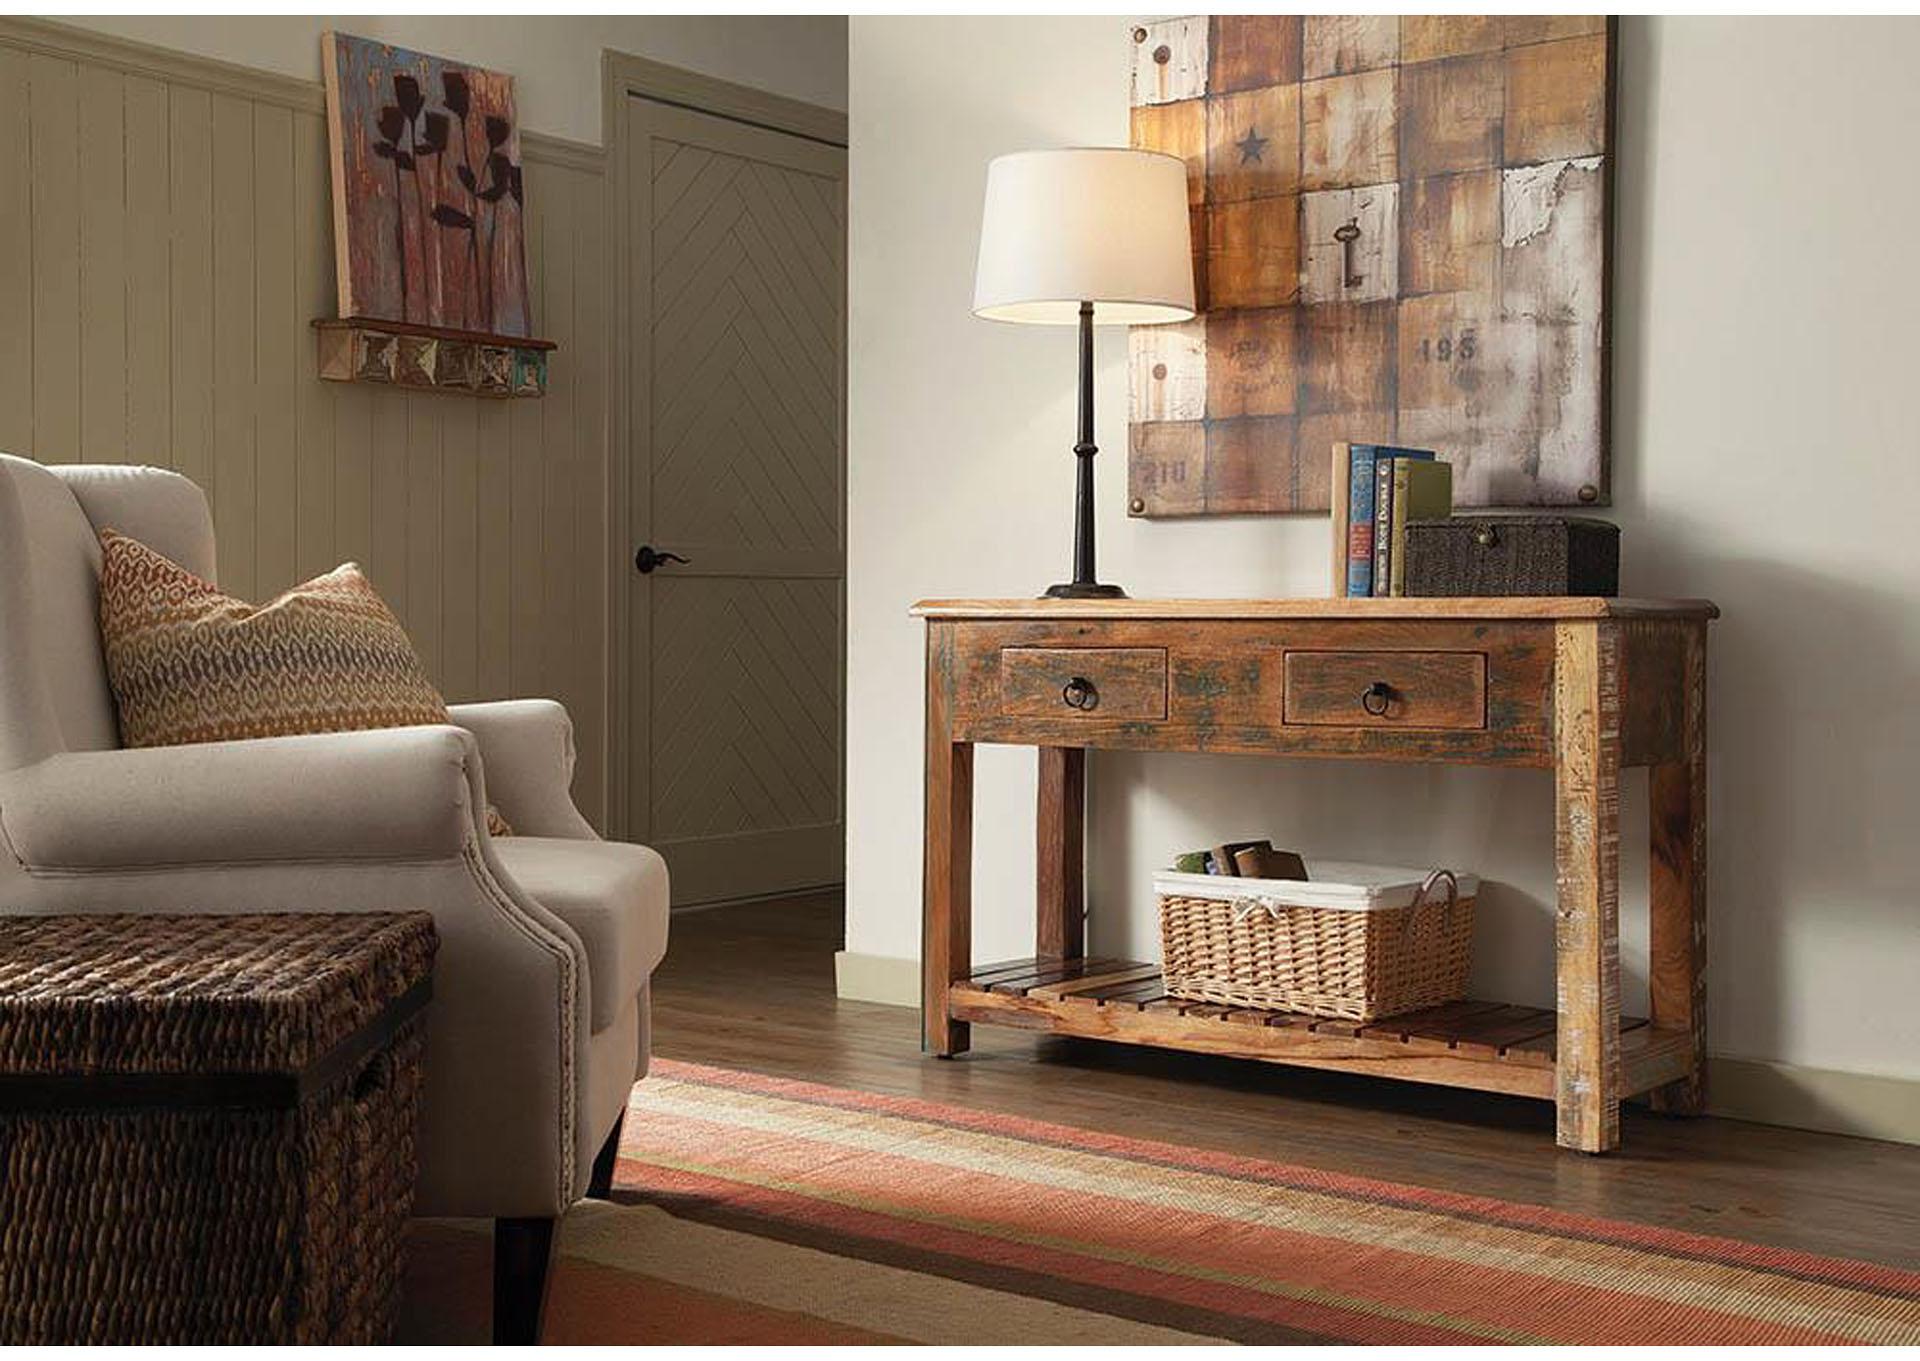 Goreeu0027s Furniture